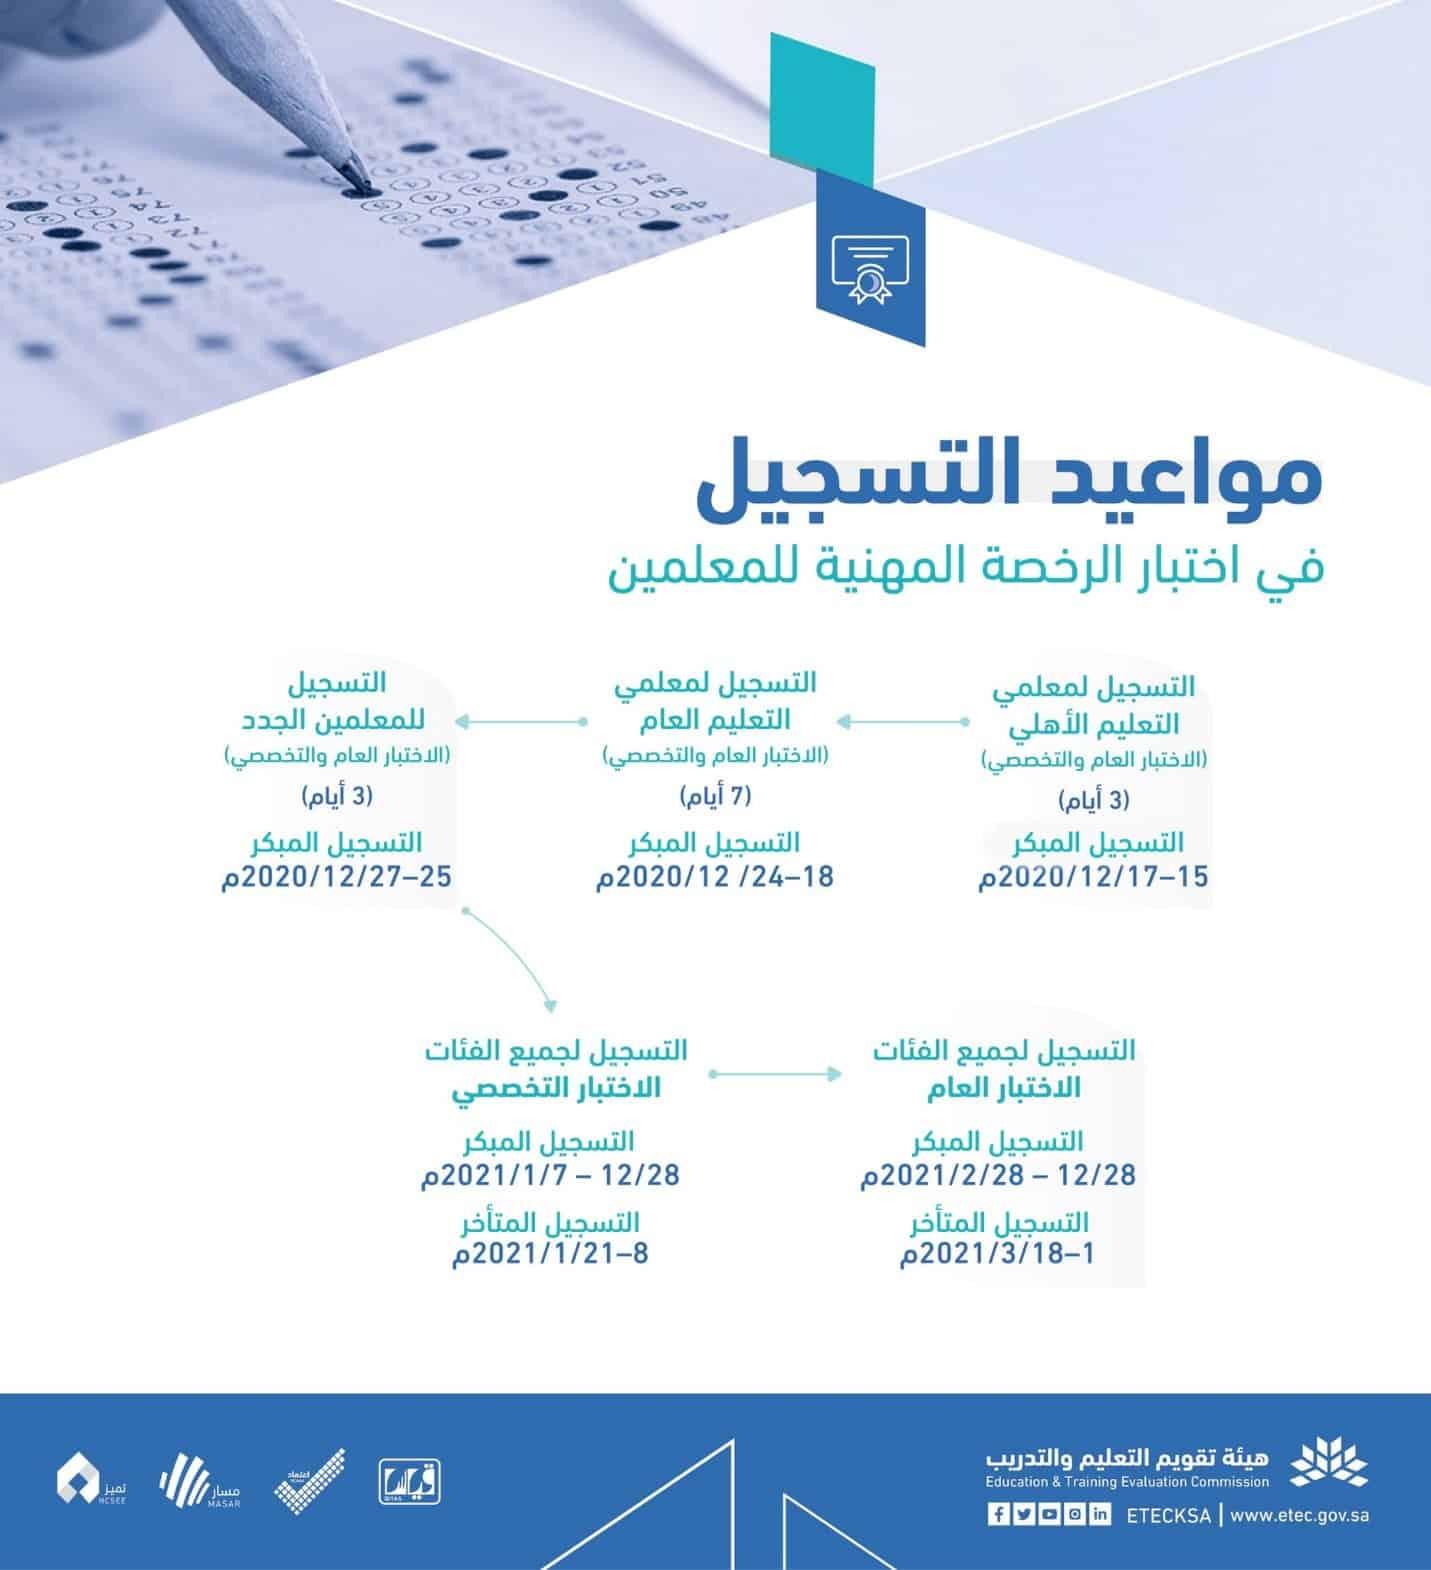 مواعيد التسجيل لاختبارات الرخصة المهنية